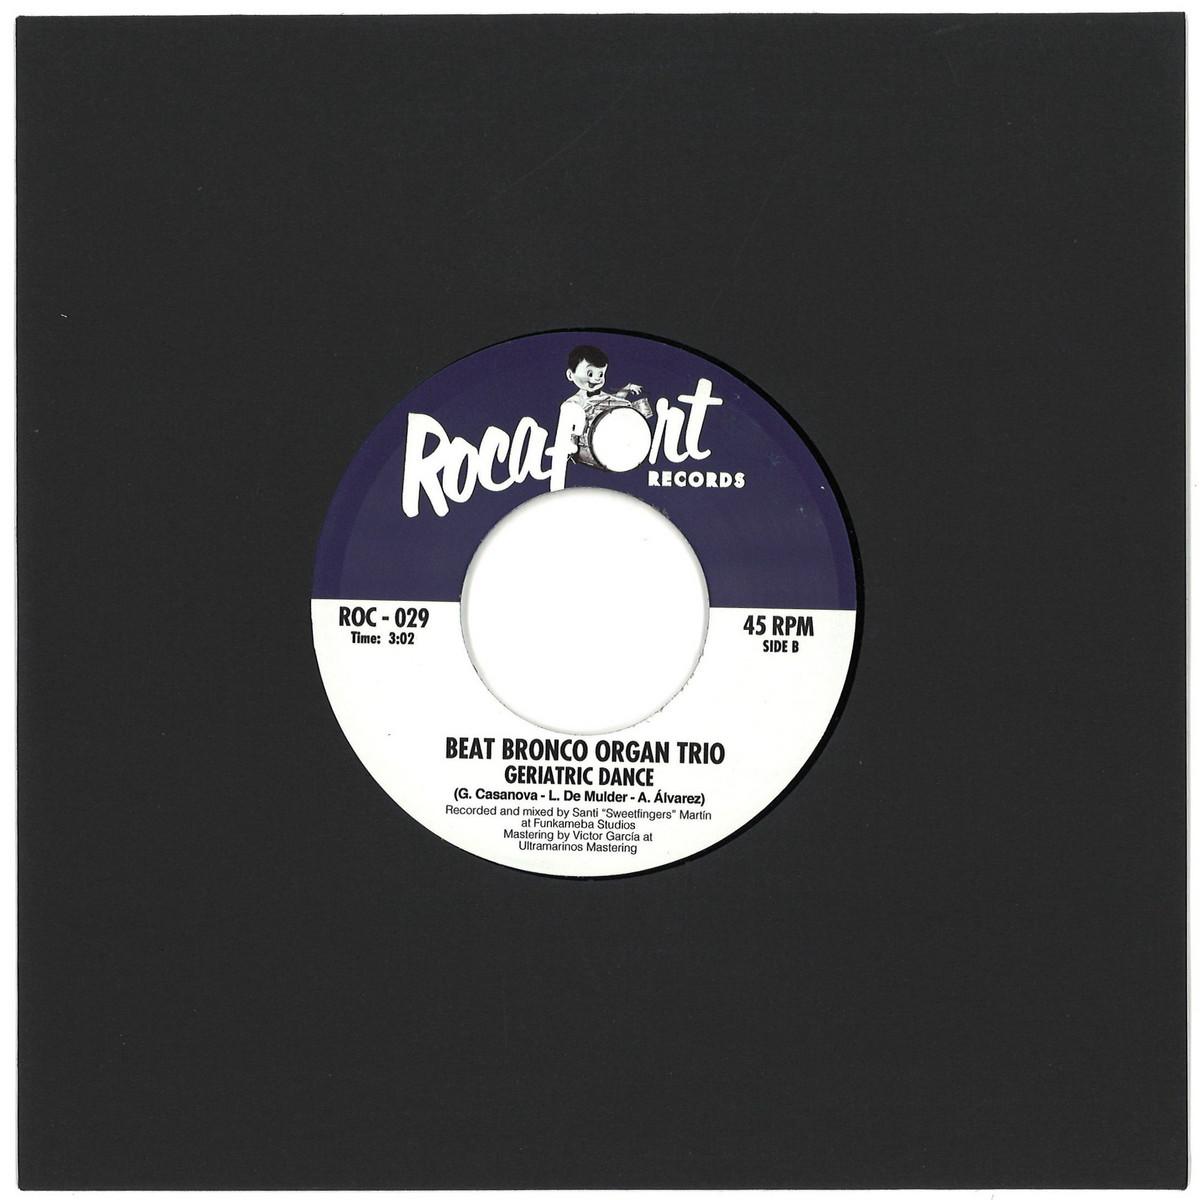 deejay de - Rocafort Records